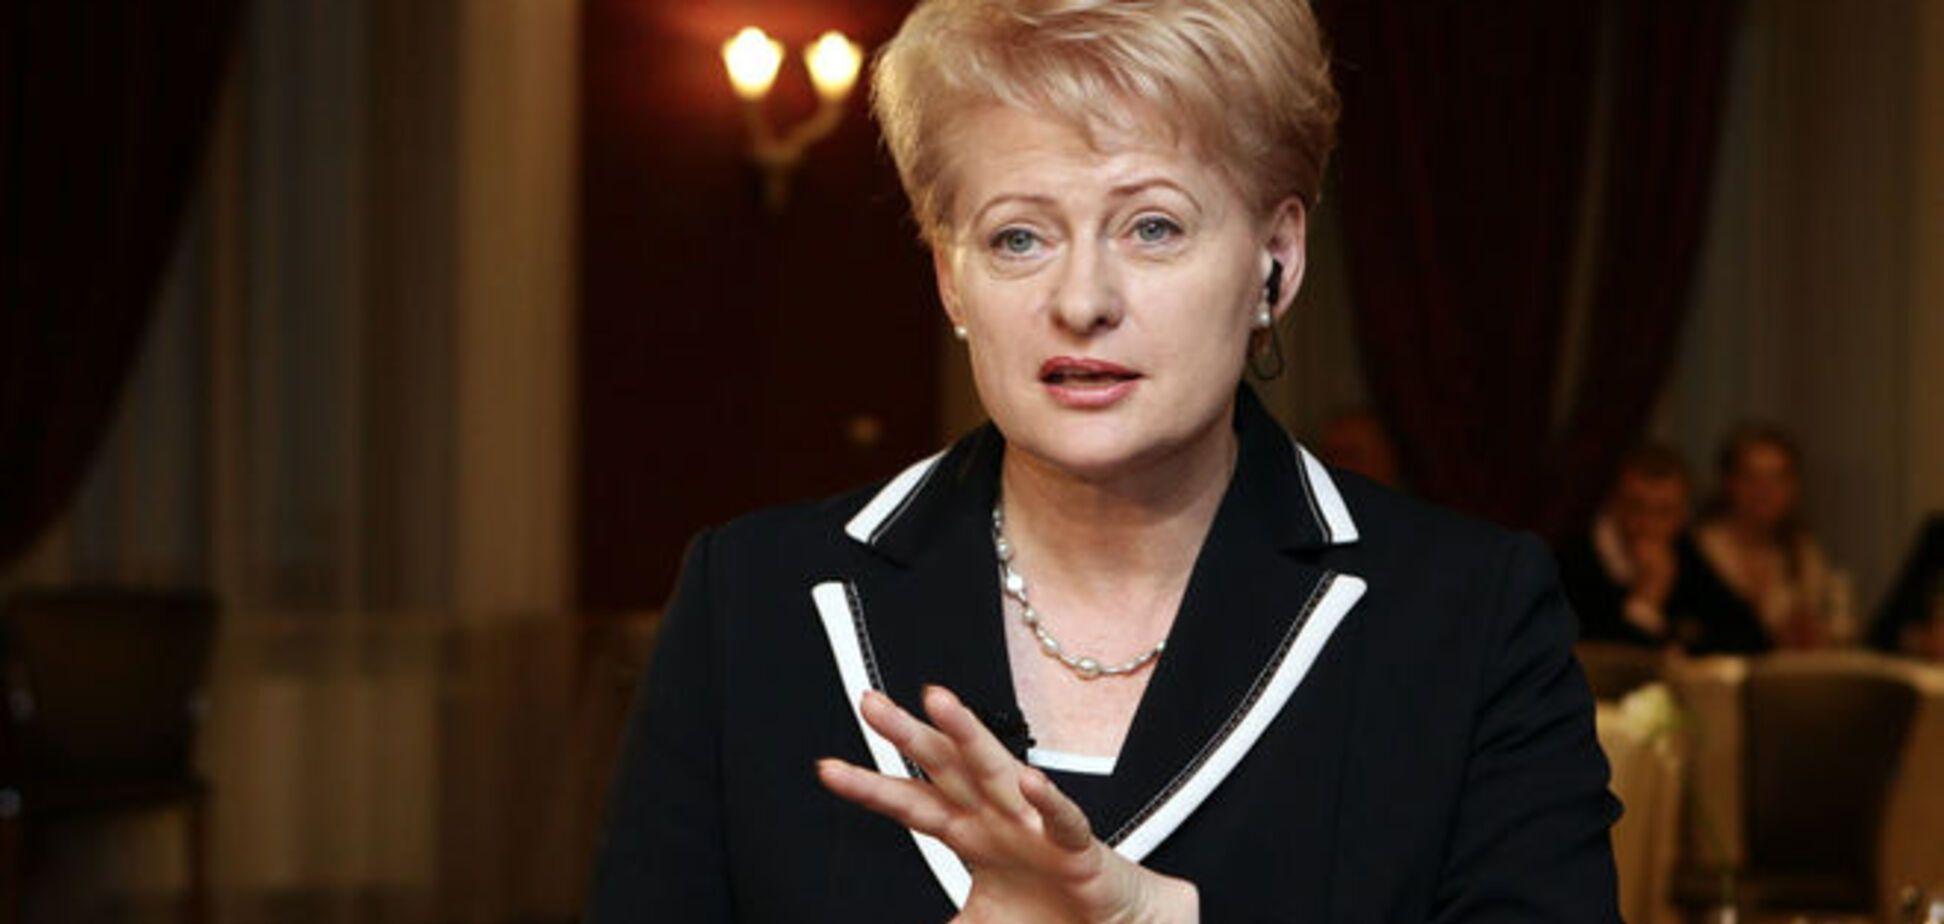 Калининградские 'Искандеры' могут нанести удар по столицам ЕС – Грибаускайте